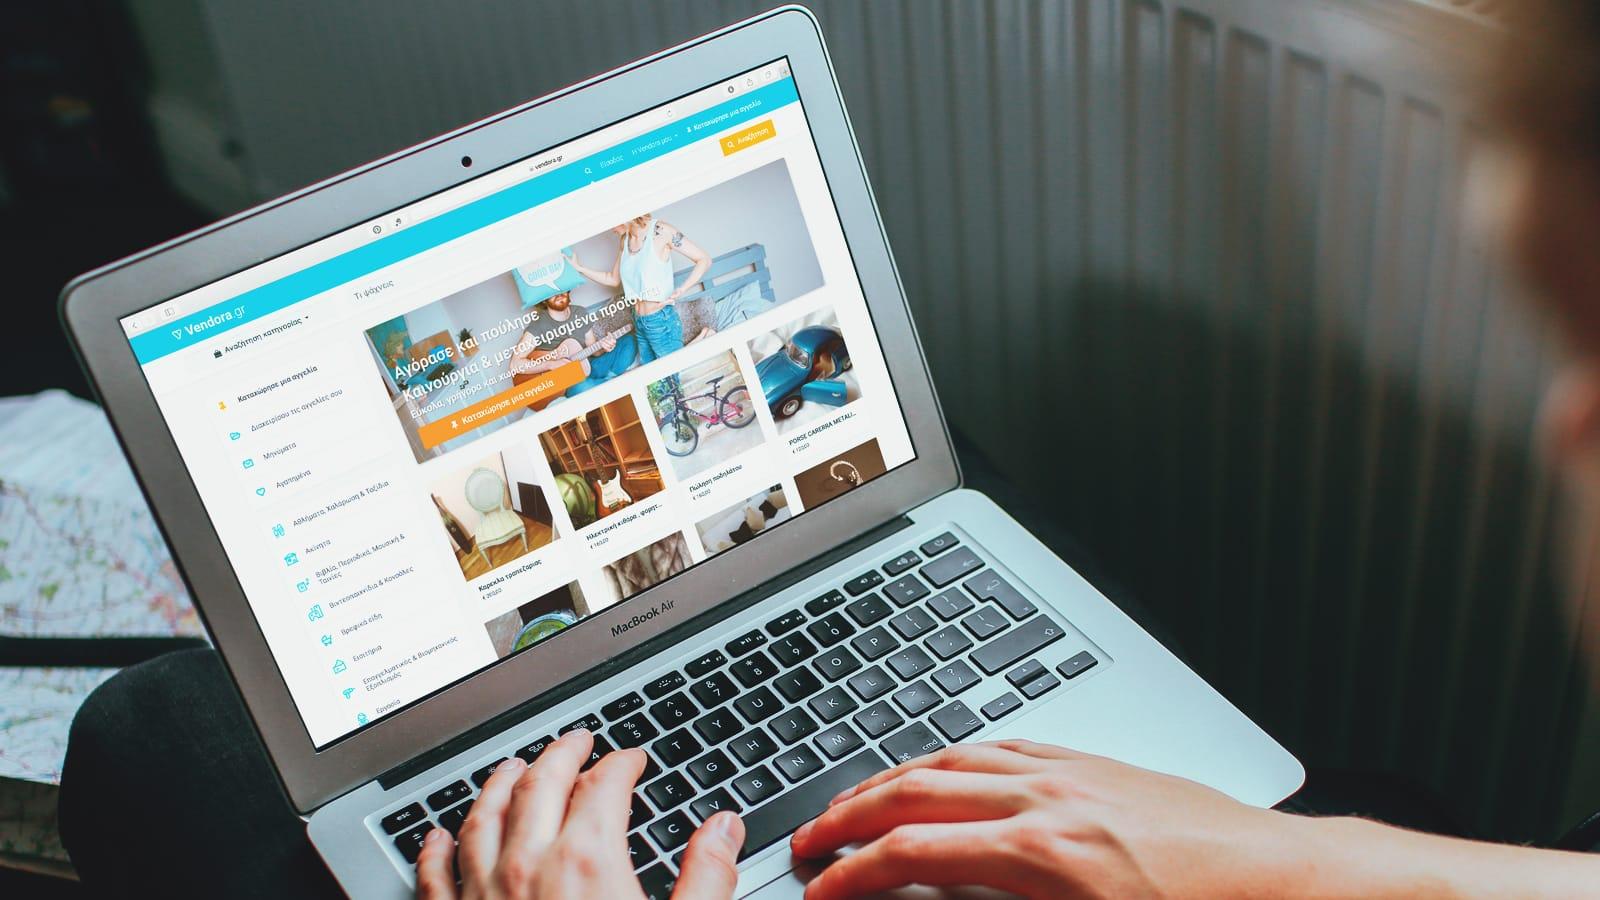 Συνέντευξη στο Startup: Vendora.gr - Robin